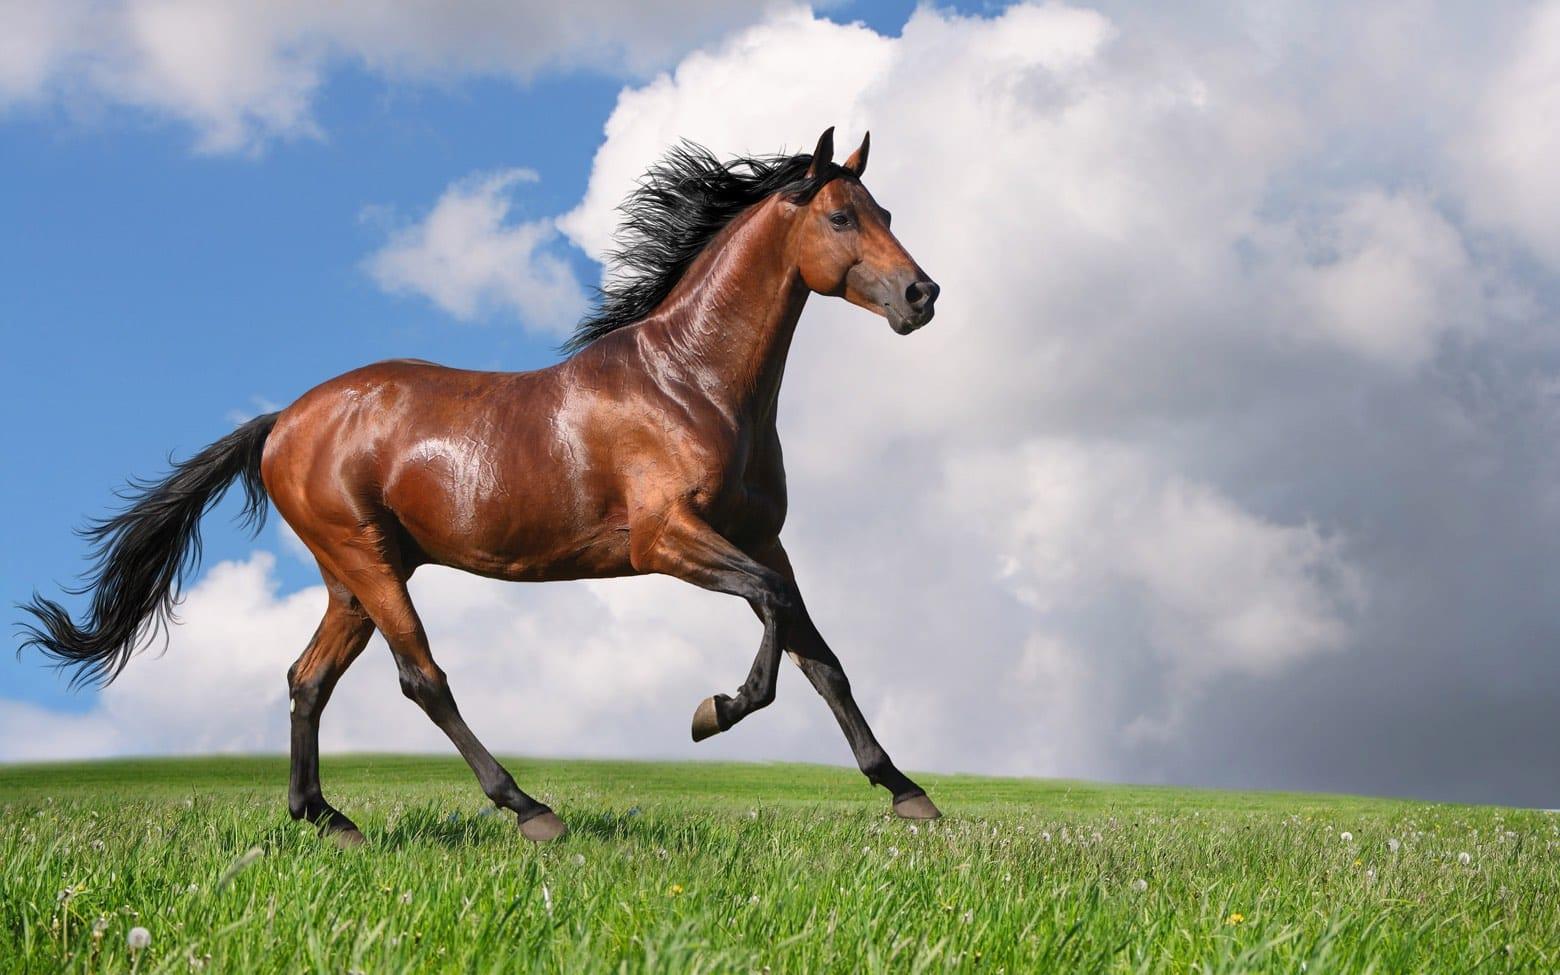 Cheval bai courant dans un champs utilisé dans la page Apprendre à rouler le R en russe